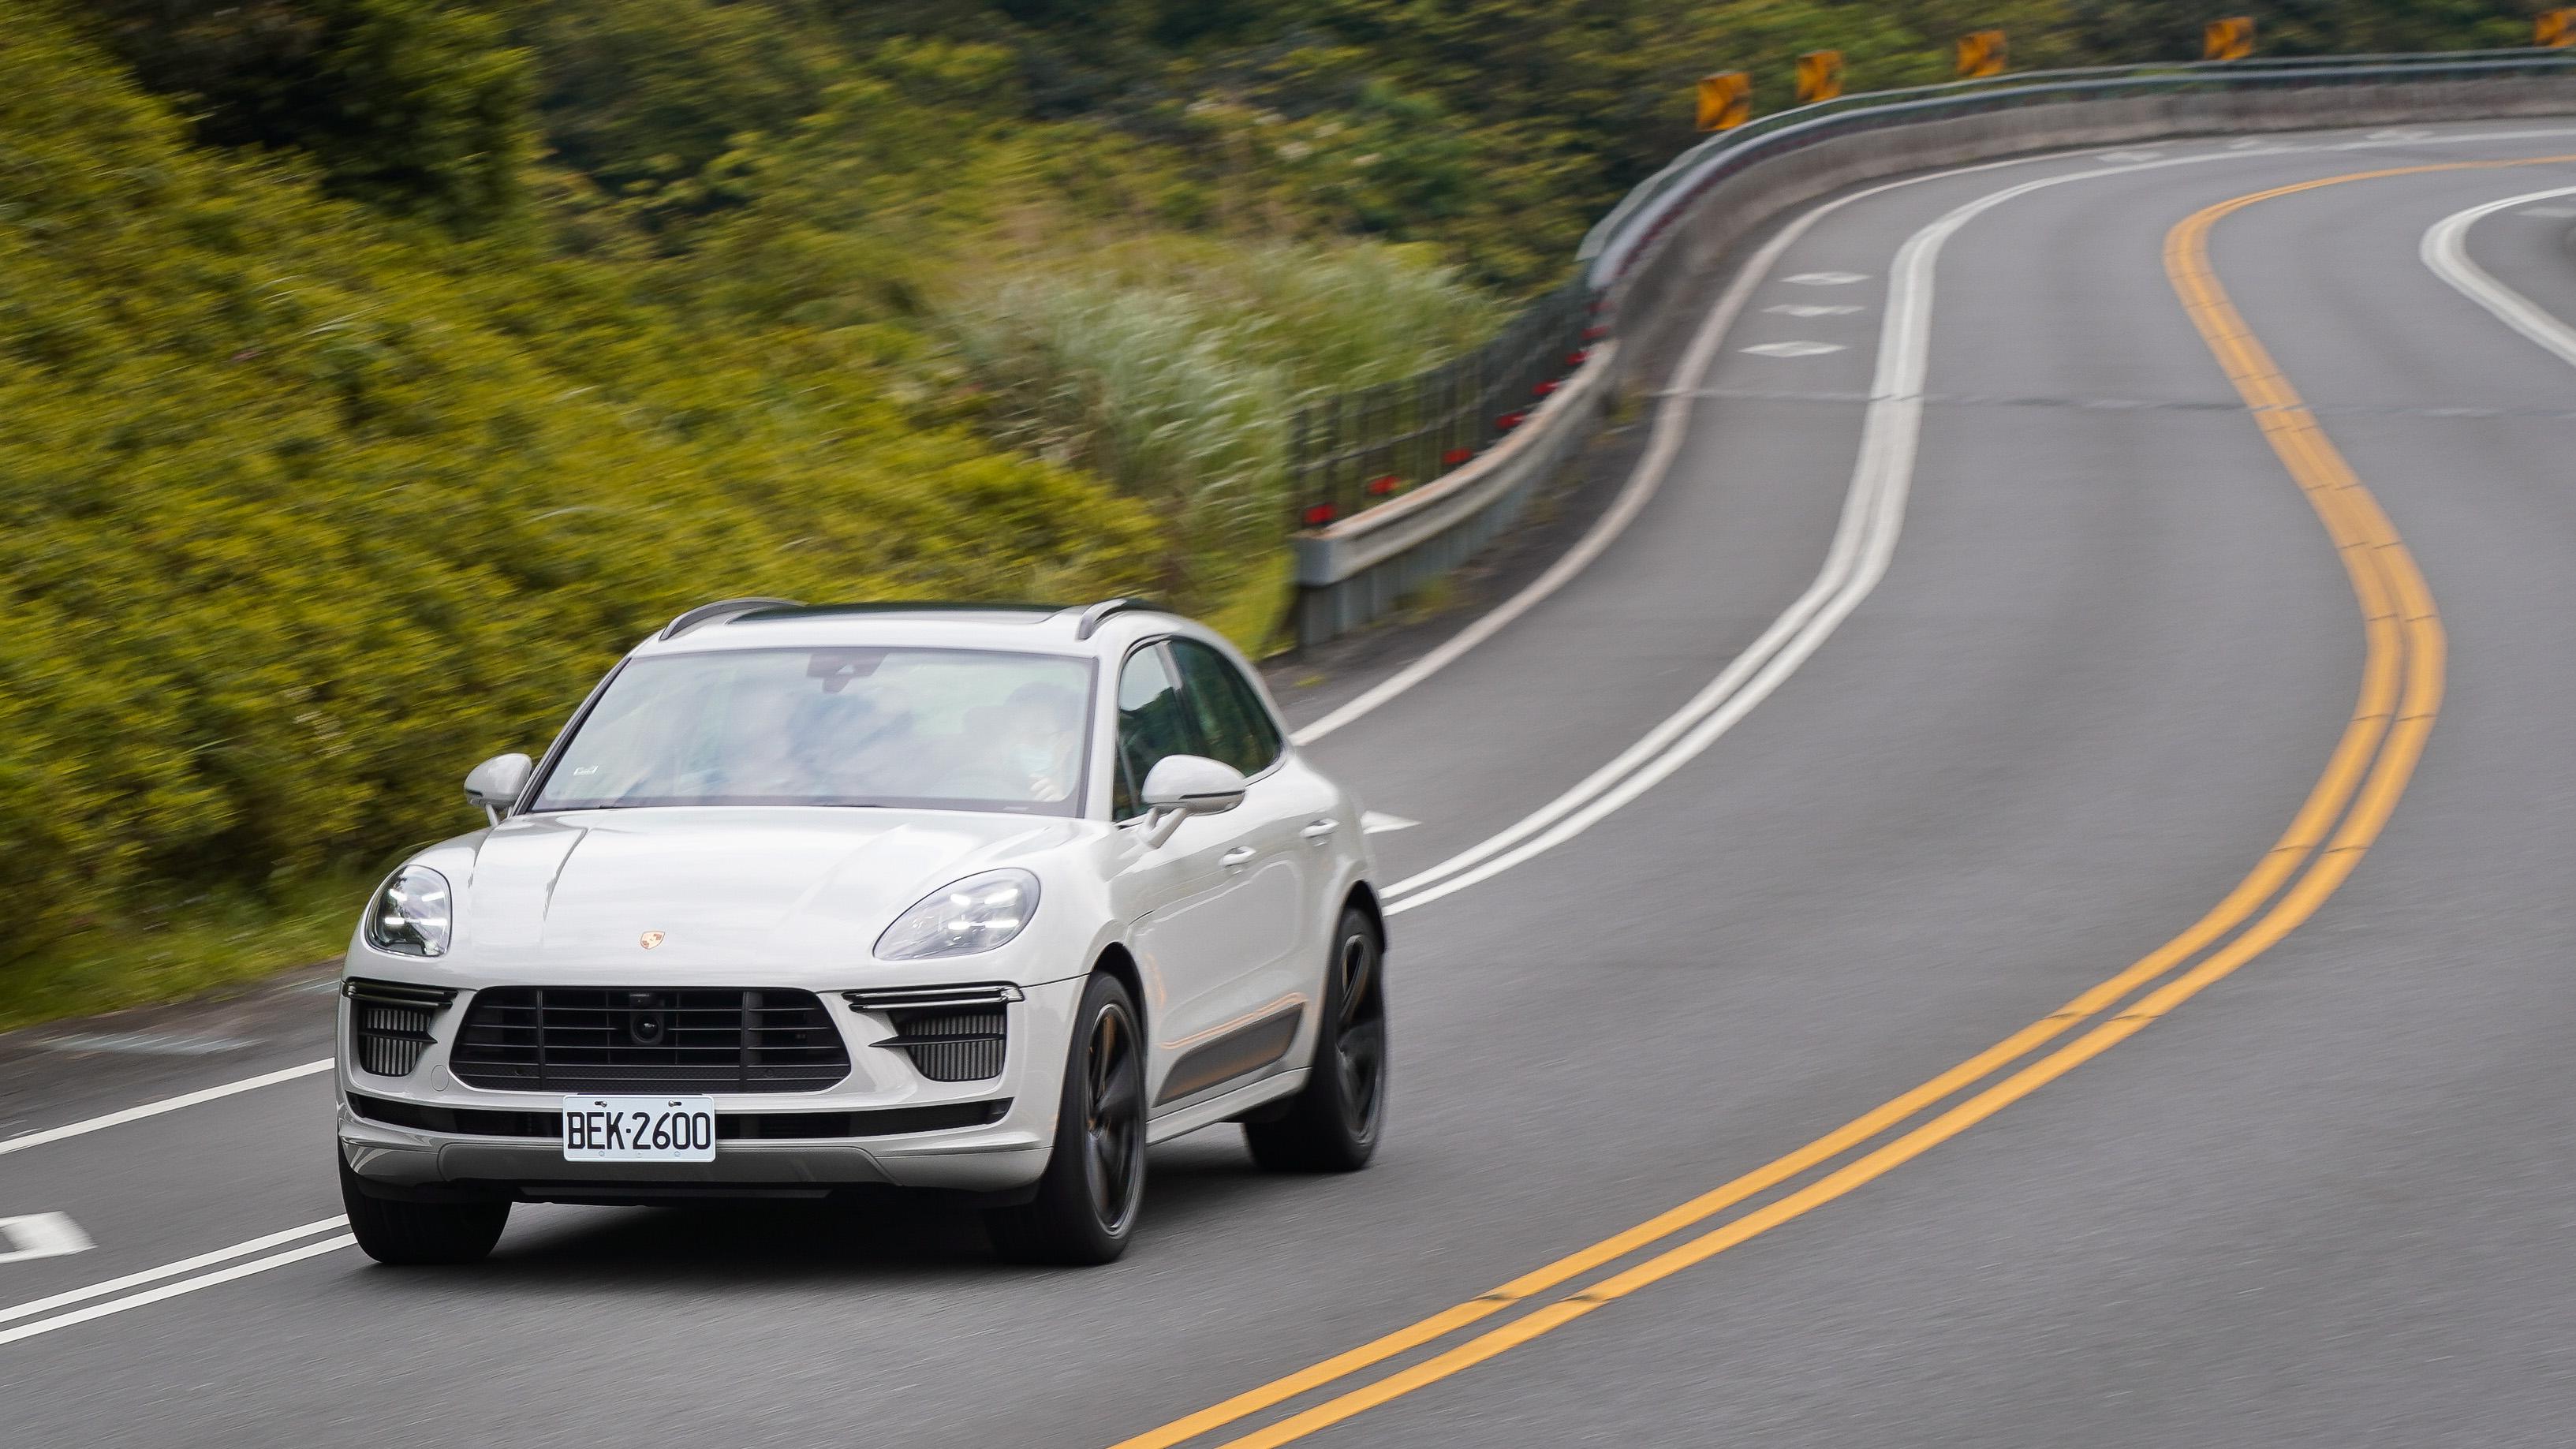 Porsche Macan Turbo 將 Macan 的優異體質最大化。